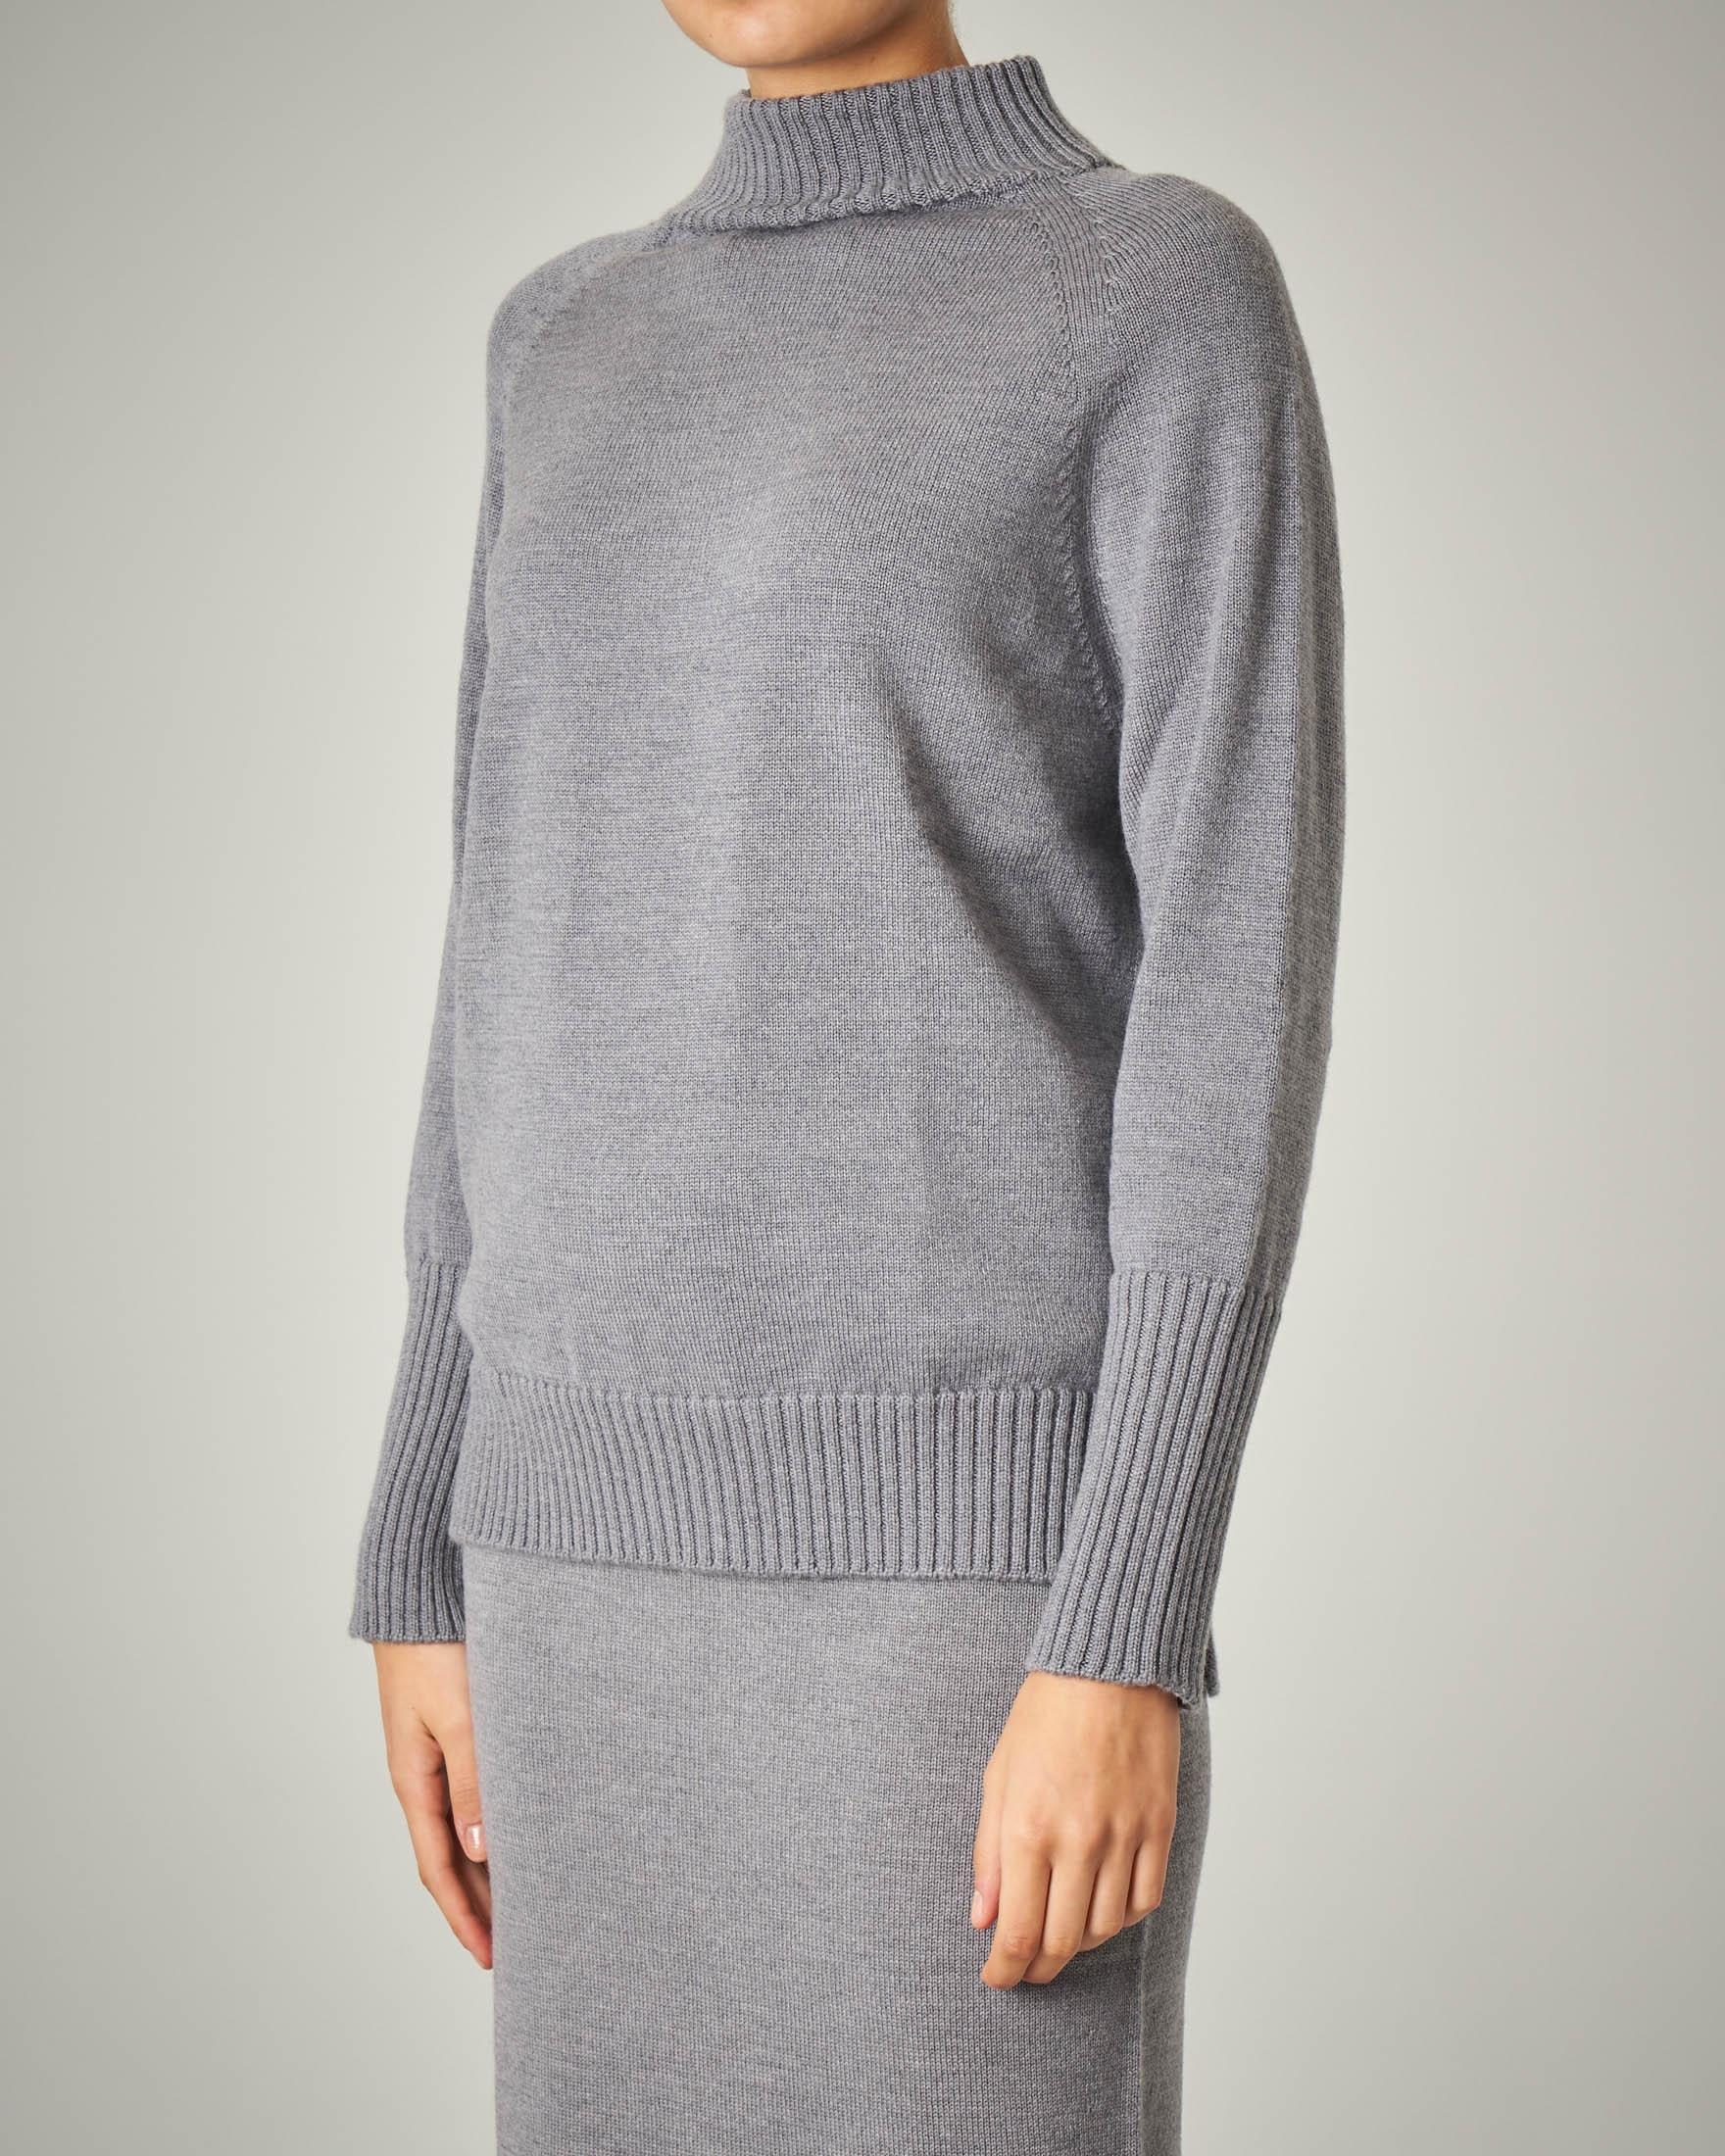 Maglia collo alto grigia in lana vergine